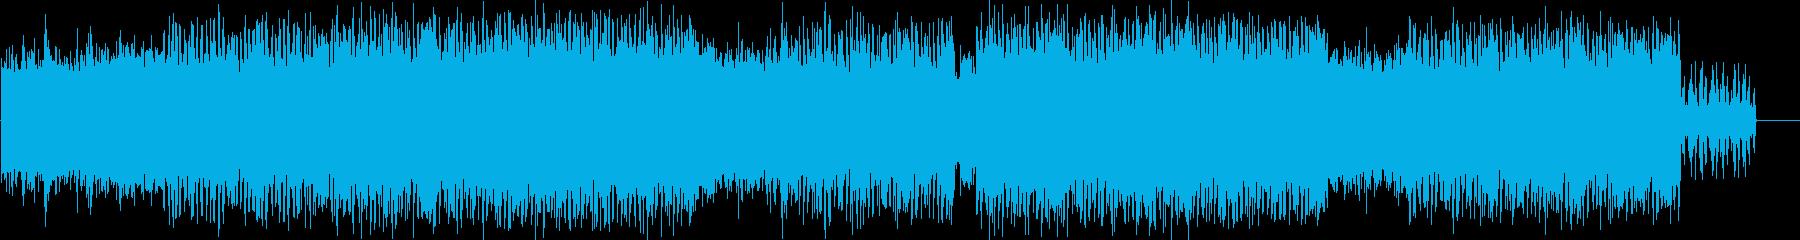 挑戦 闘志 スリル スピードの再生済みの波形